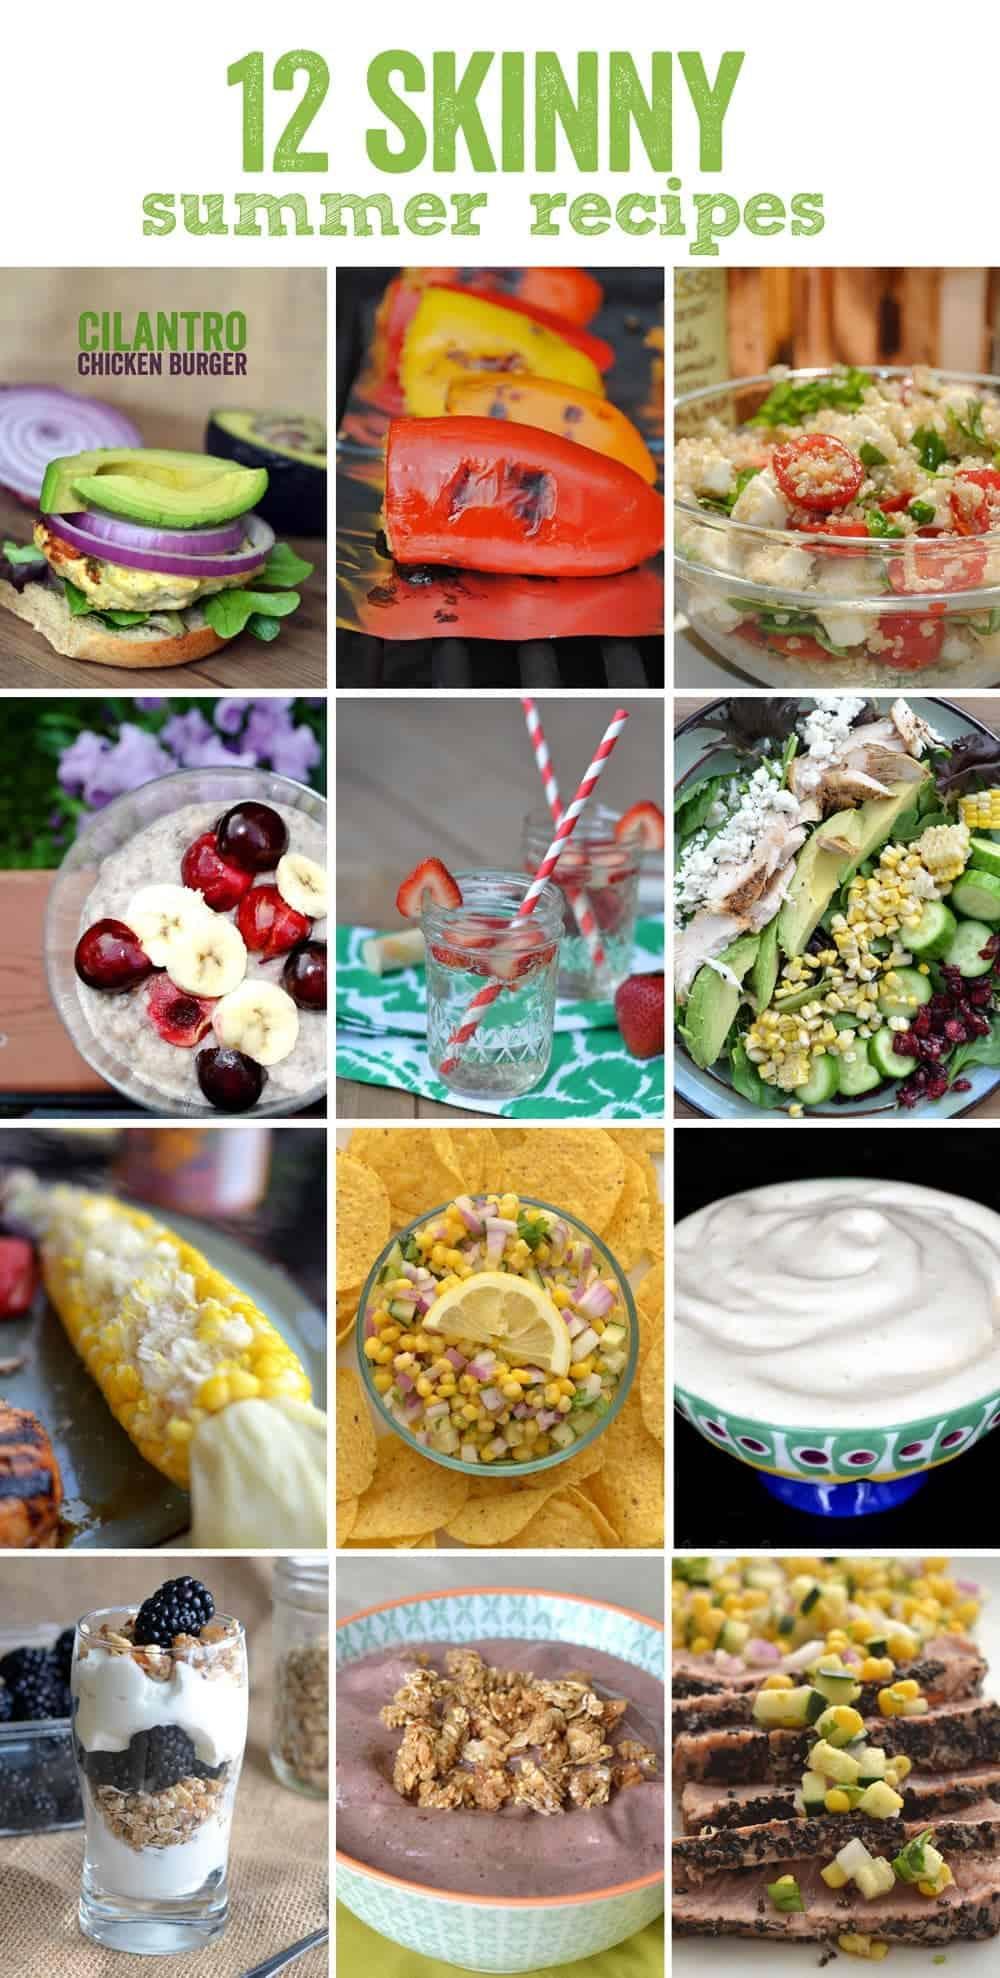 12 Skinny Summer Recipes